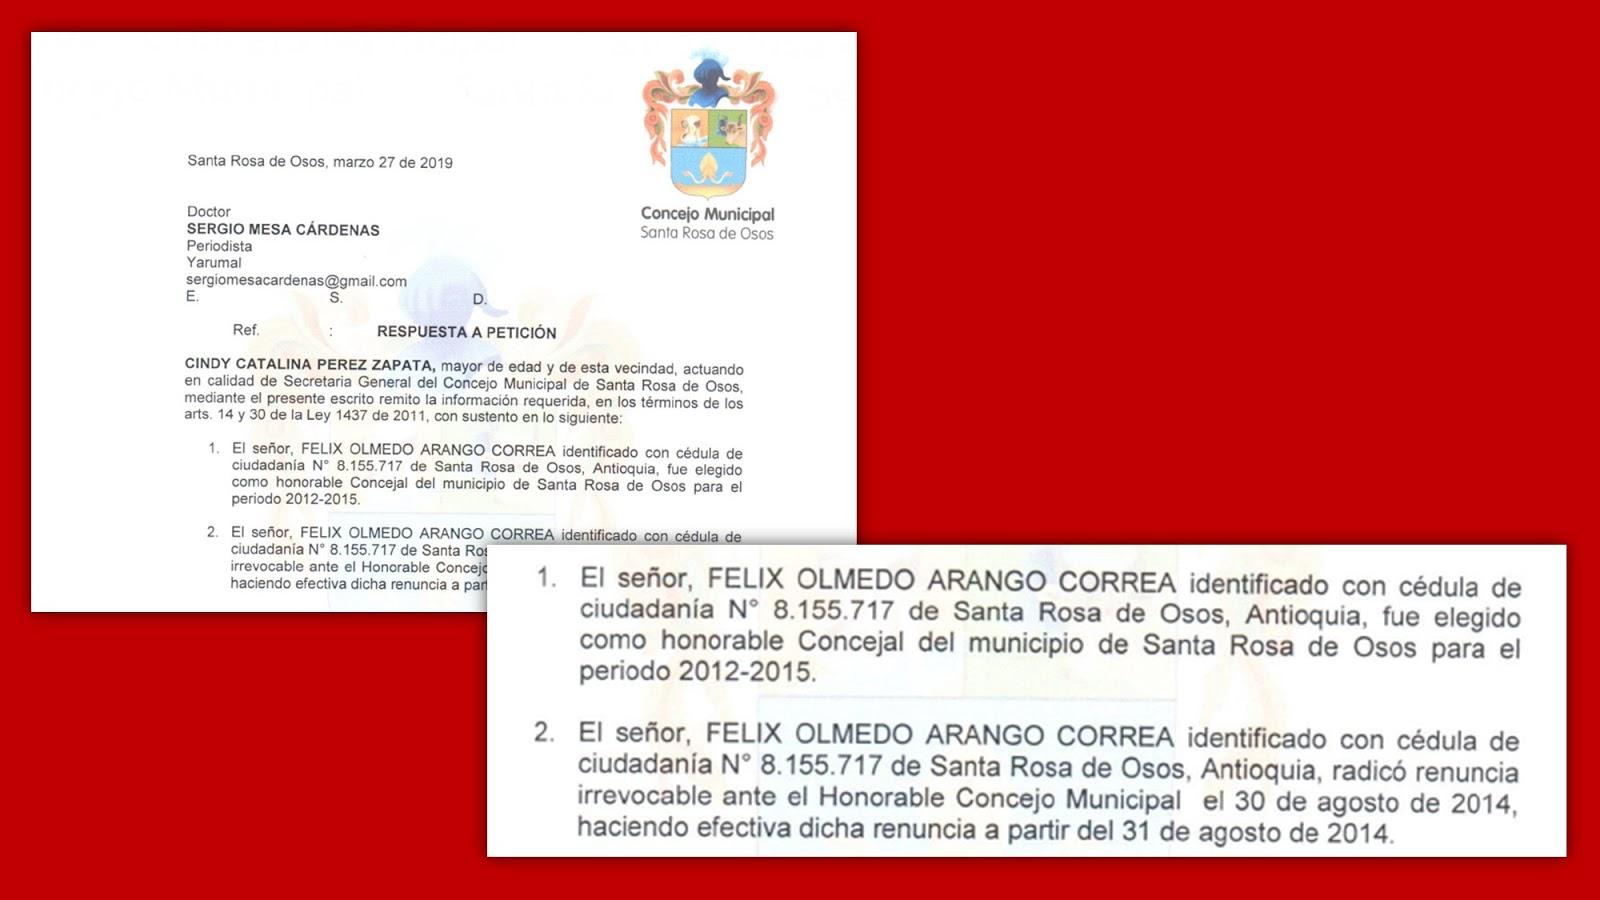 Certificó Concejo de Santa Rosa de Osos sobre elección de Félix Olmedo Arango Correa como concejal. Foto: Sergio Mesa